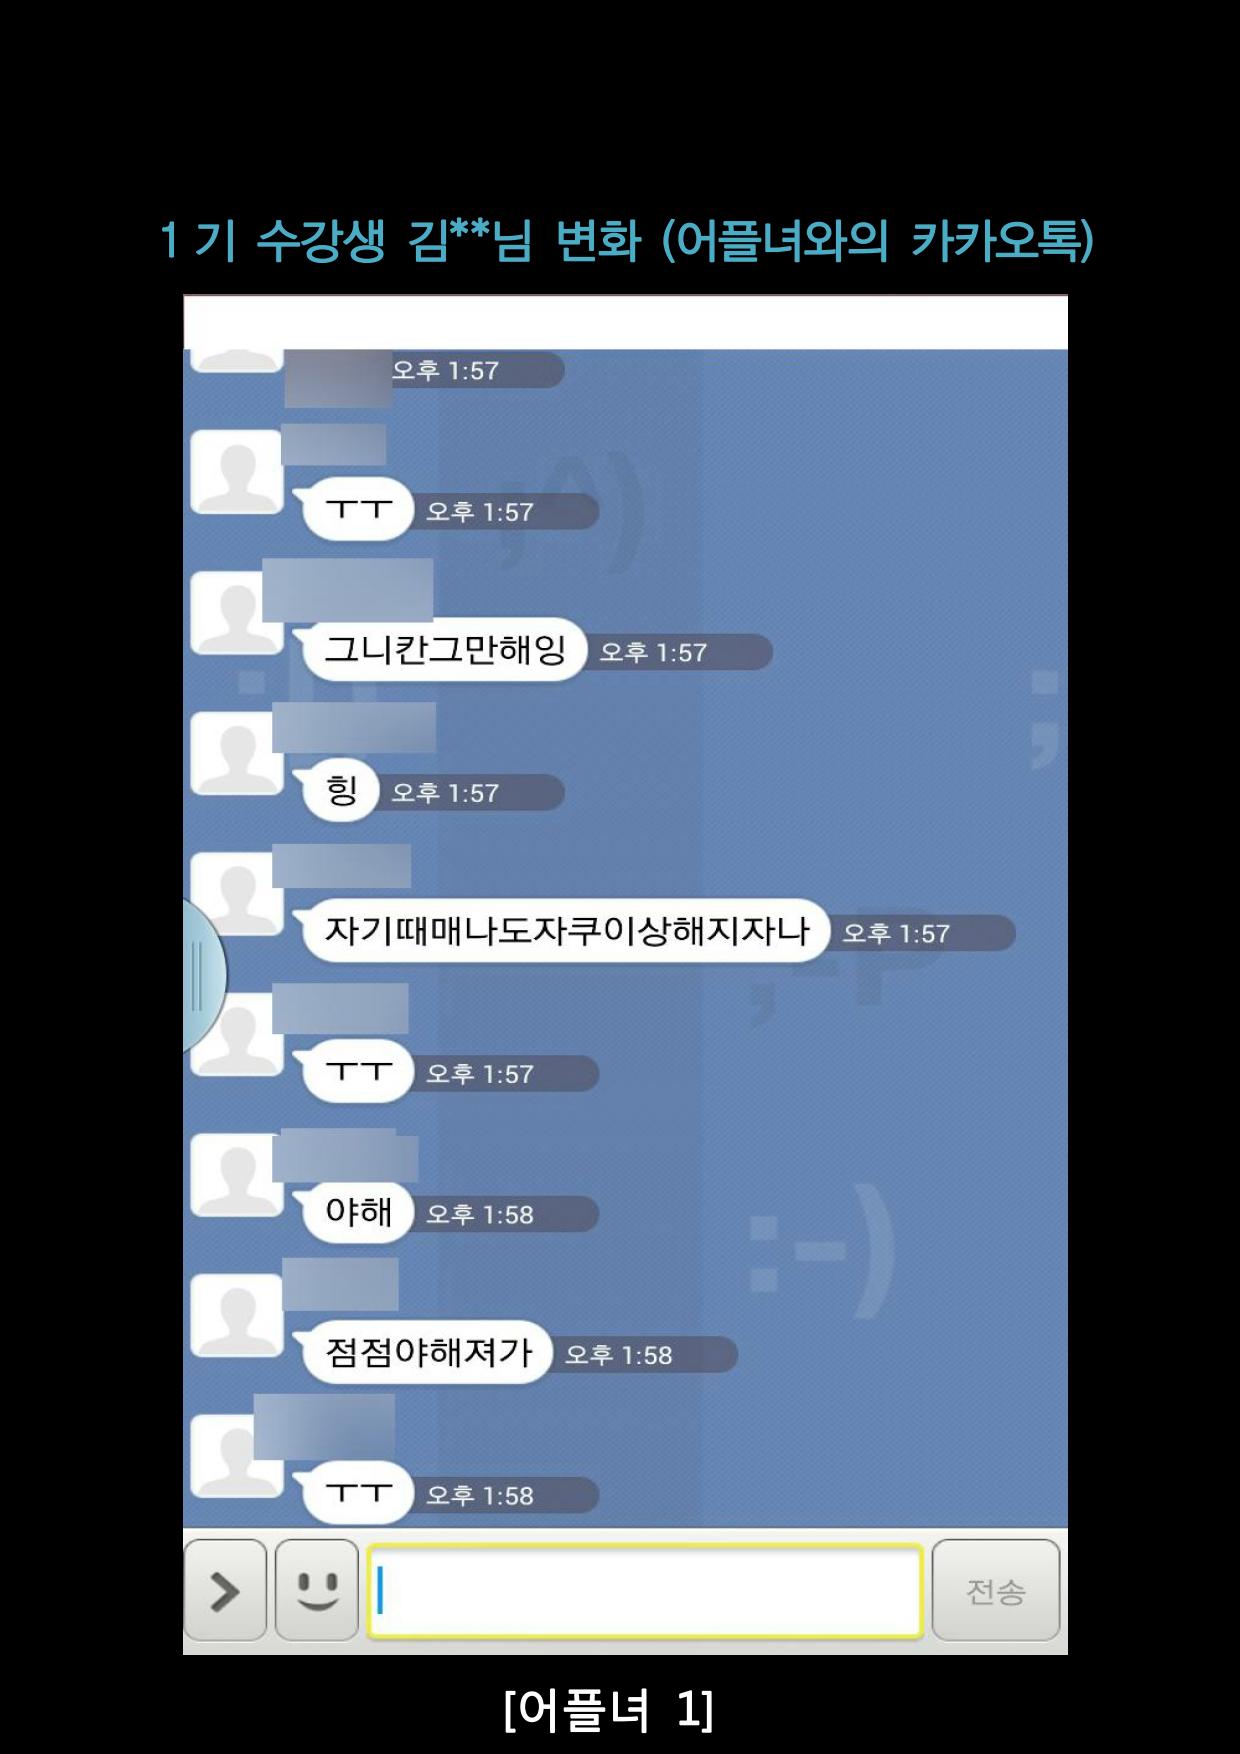 본 머티리어 1회차 홍보글 v3(수강후기 따로 편집요함)_16.png